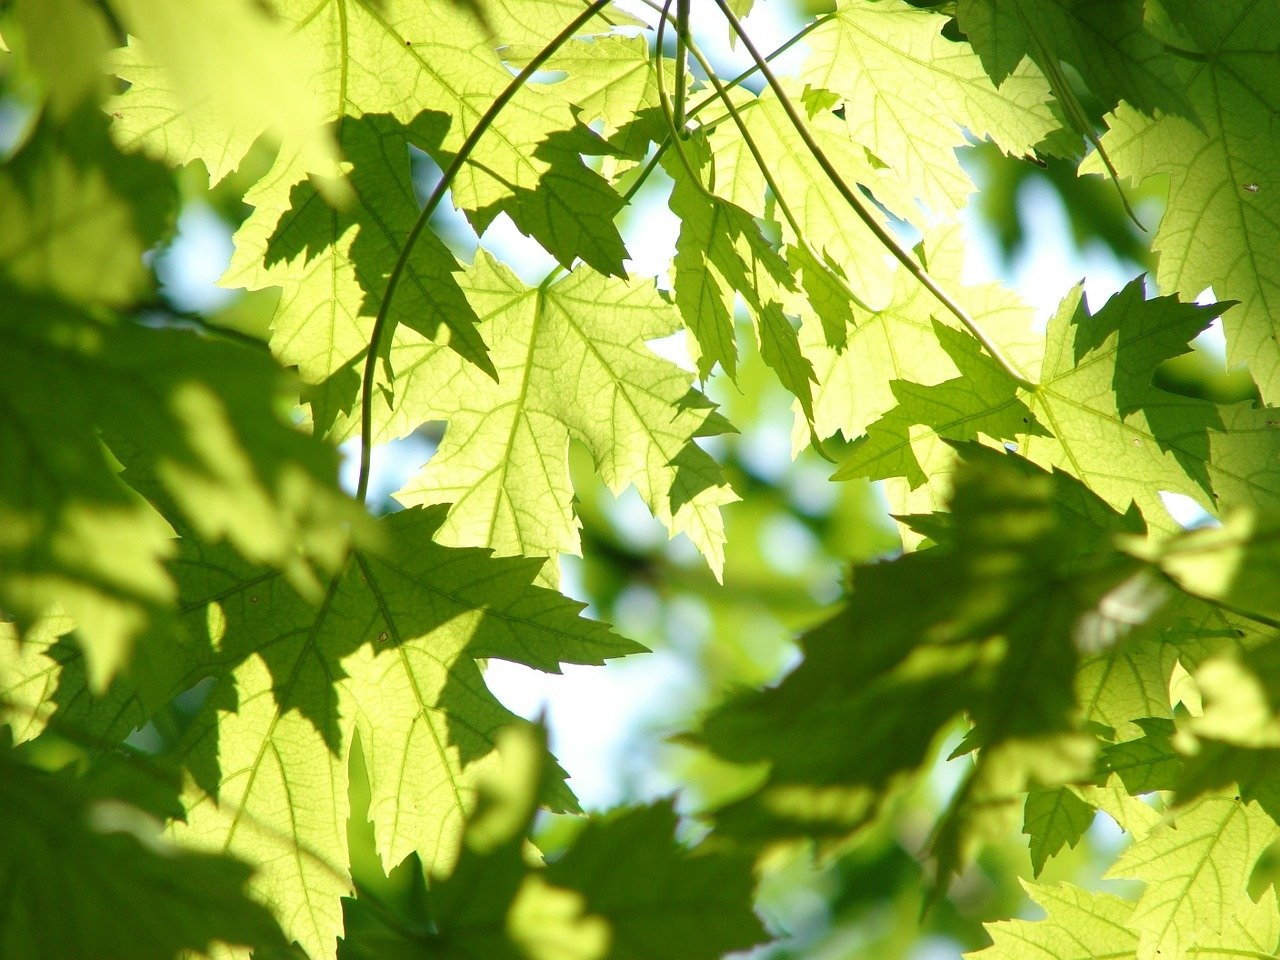 Boom opzetten over bomenbeleid Krimpenerwaard